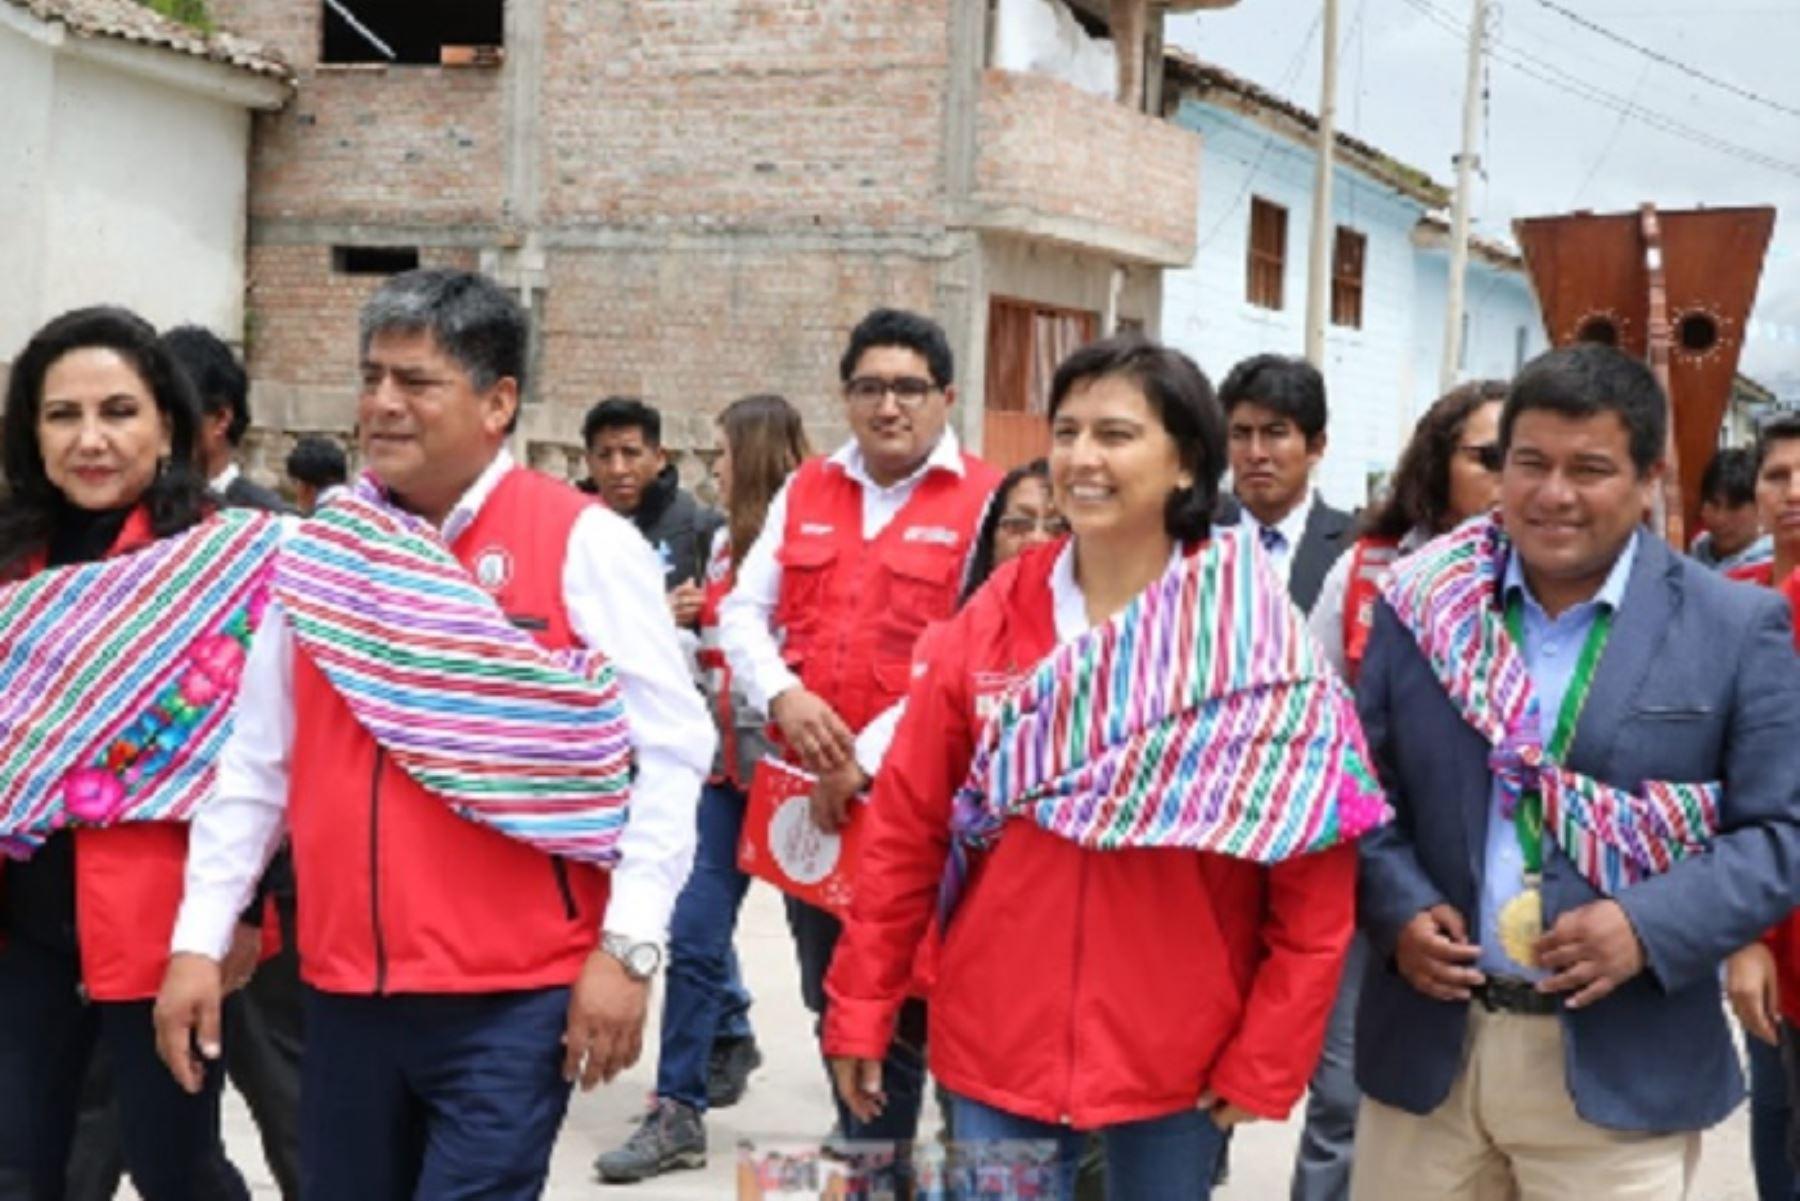 La ministra de Trabajo y Promoción del Empleo, Sylvia Cáceres, visitó la región surandina de Ayacucho.